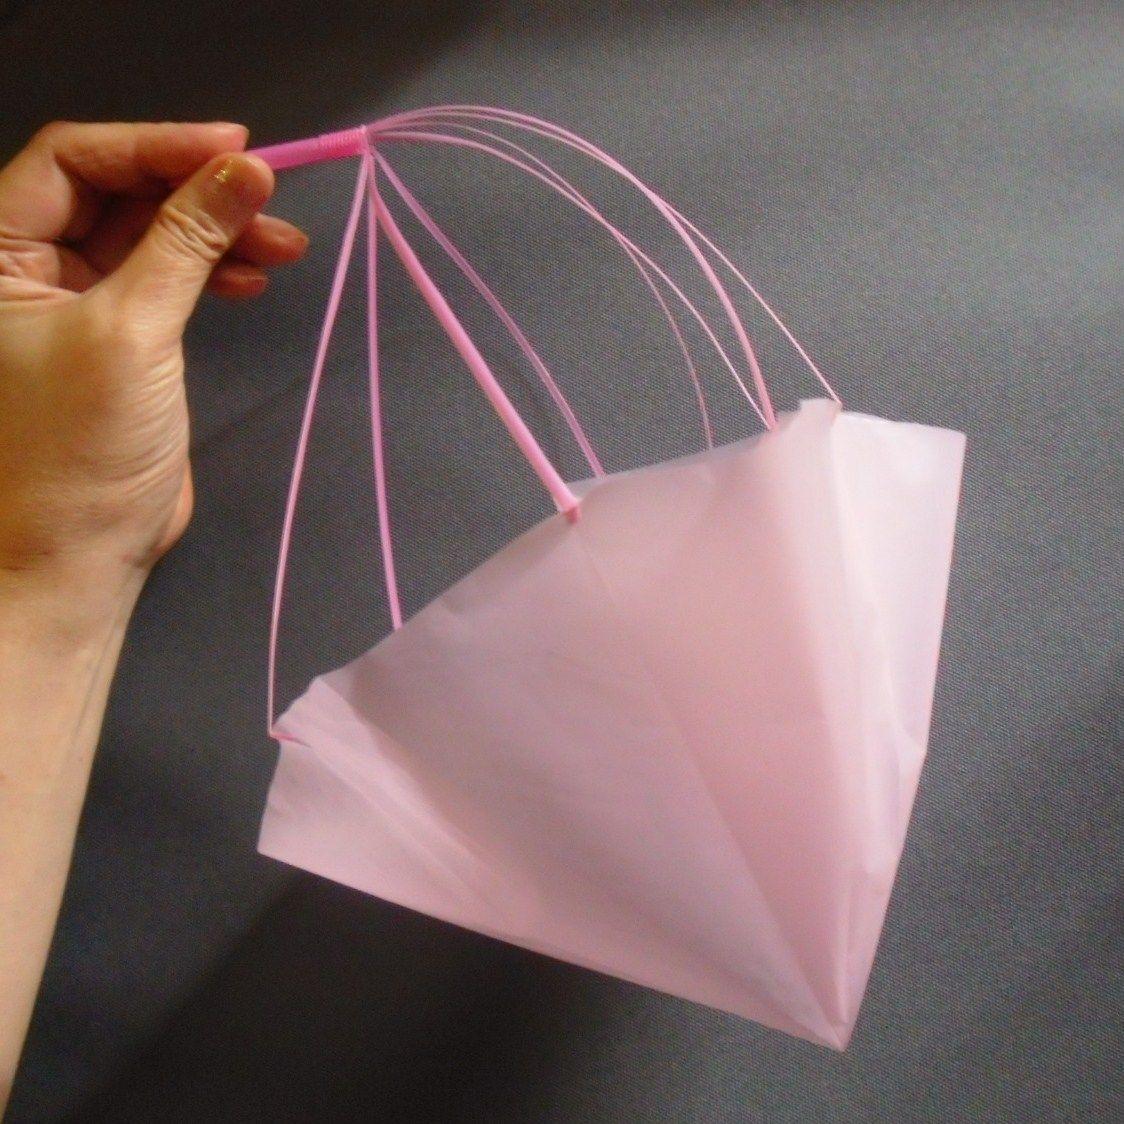 Parachutes a science experiment